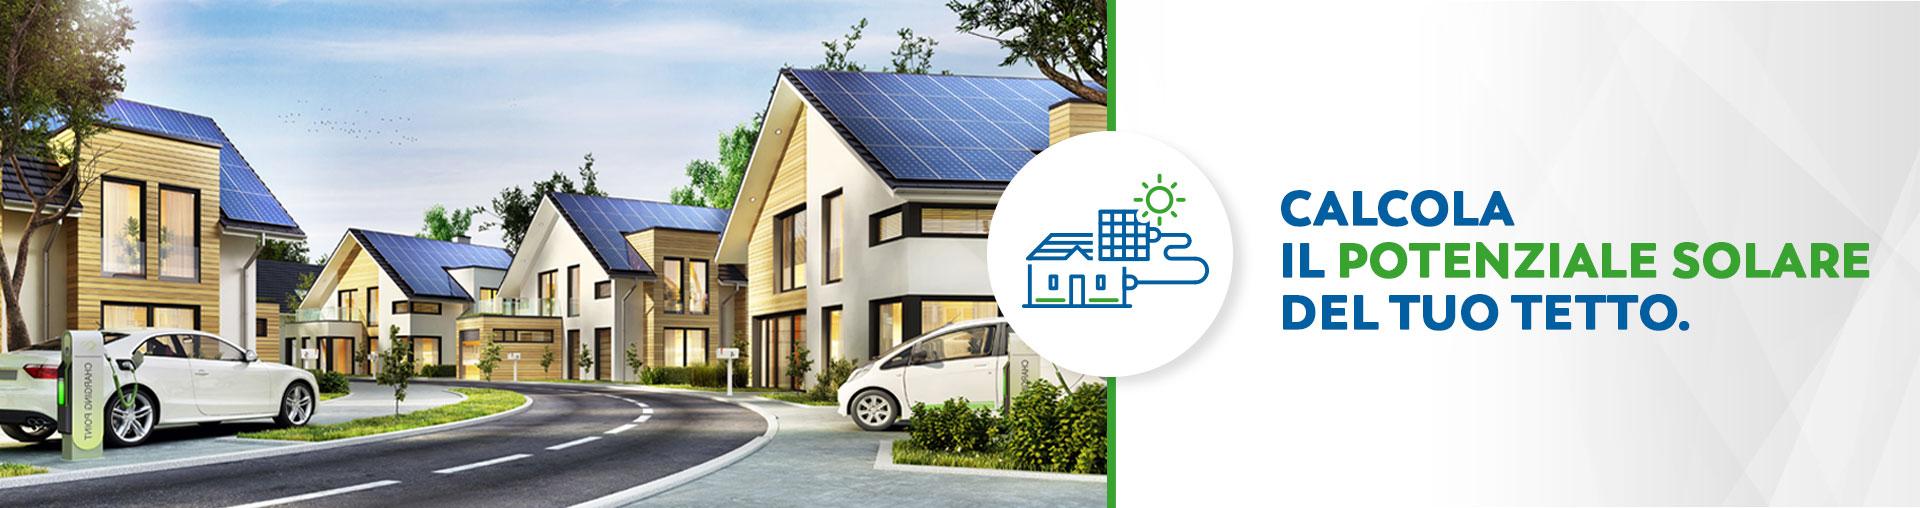 risparmiare sulle bollette,energie rinnovabili,energia solare,fotovoltaico